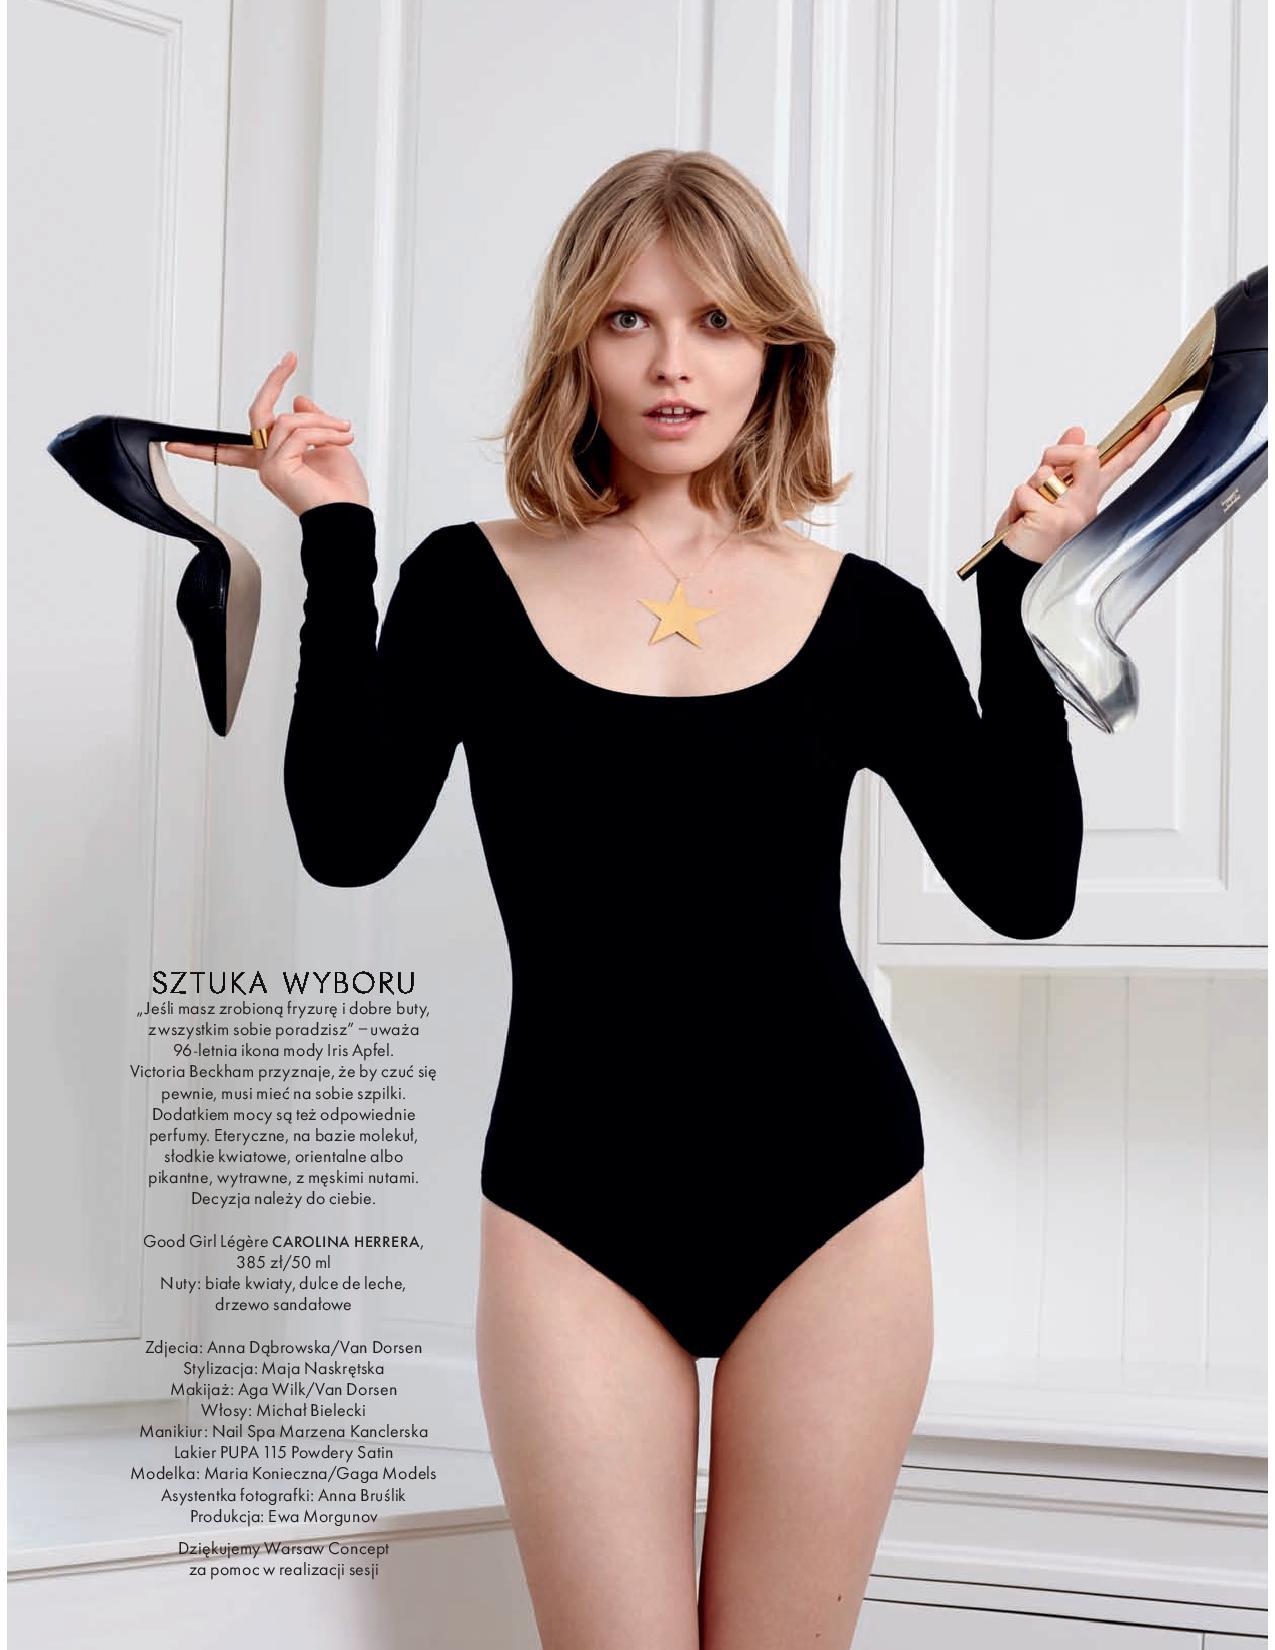 b1093efb27 Model  Maria Konieczna Magazine  Elle Poland Issue  June 2018. Editorial   Ubrana w zapach. Photographer  Ania Dabrowska